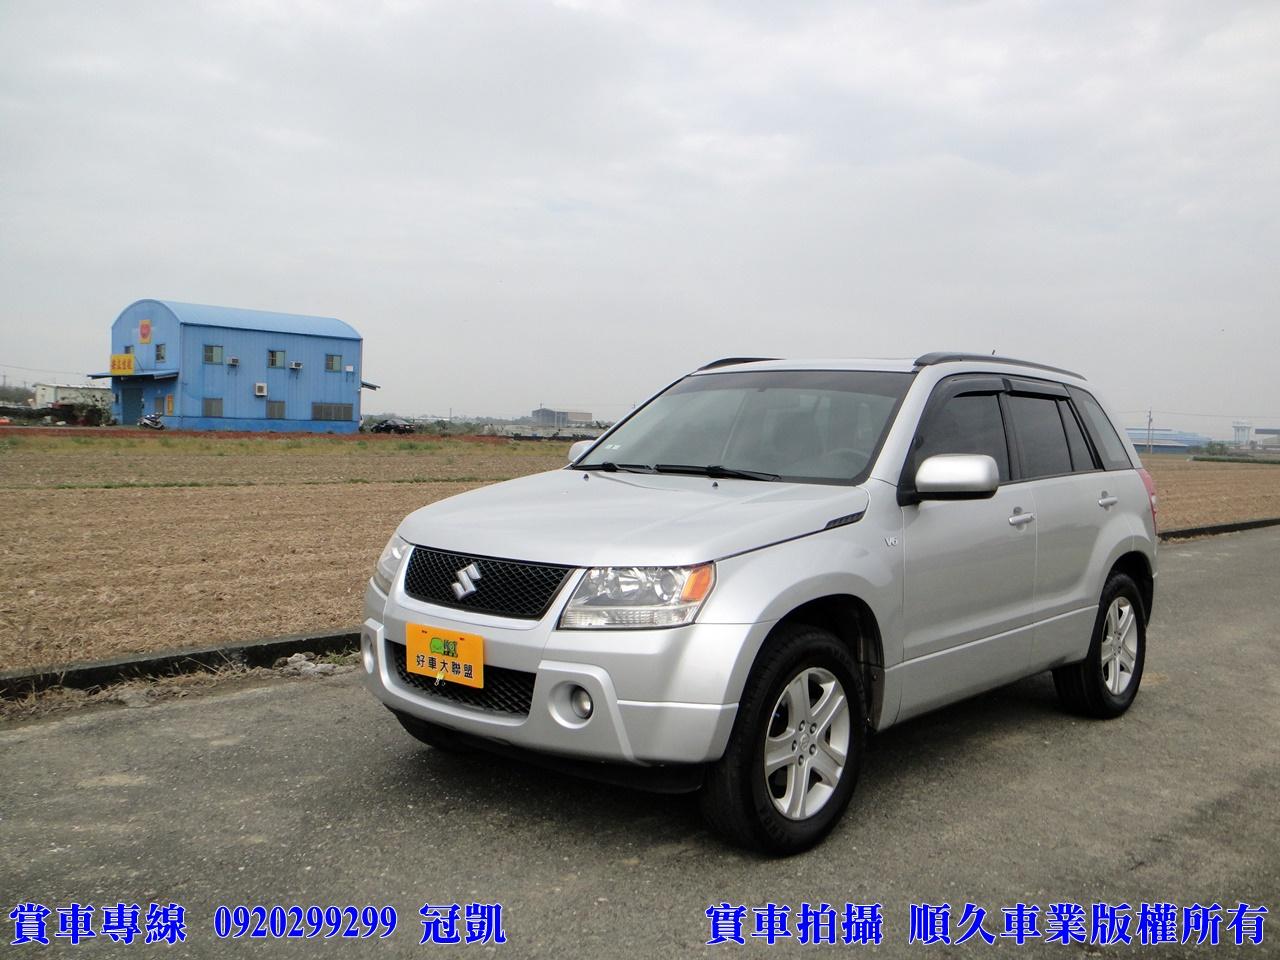 2006 Suzuki Vitara